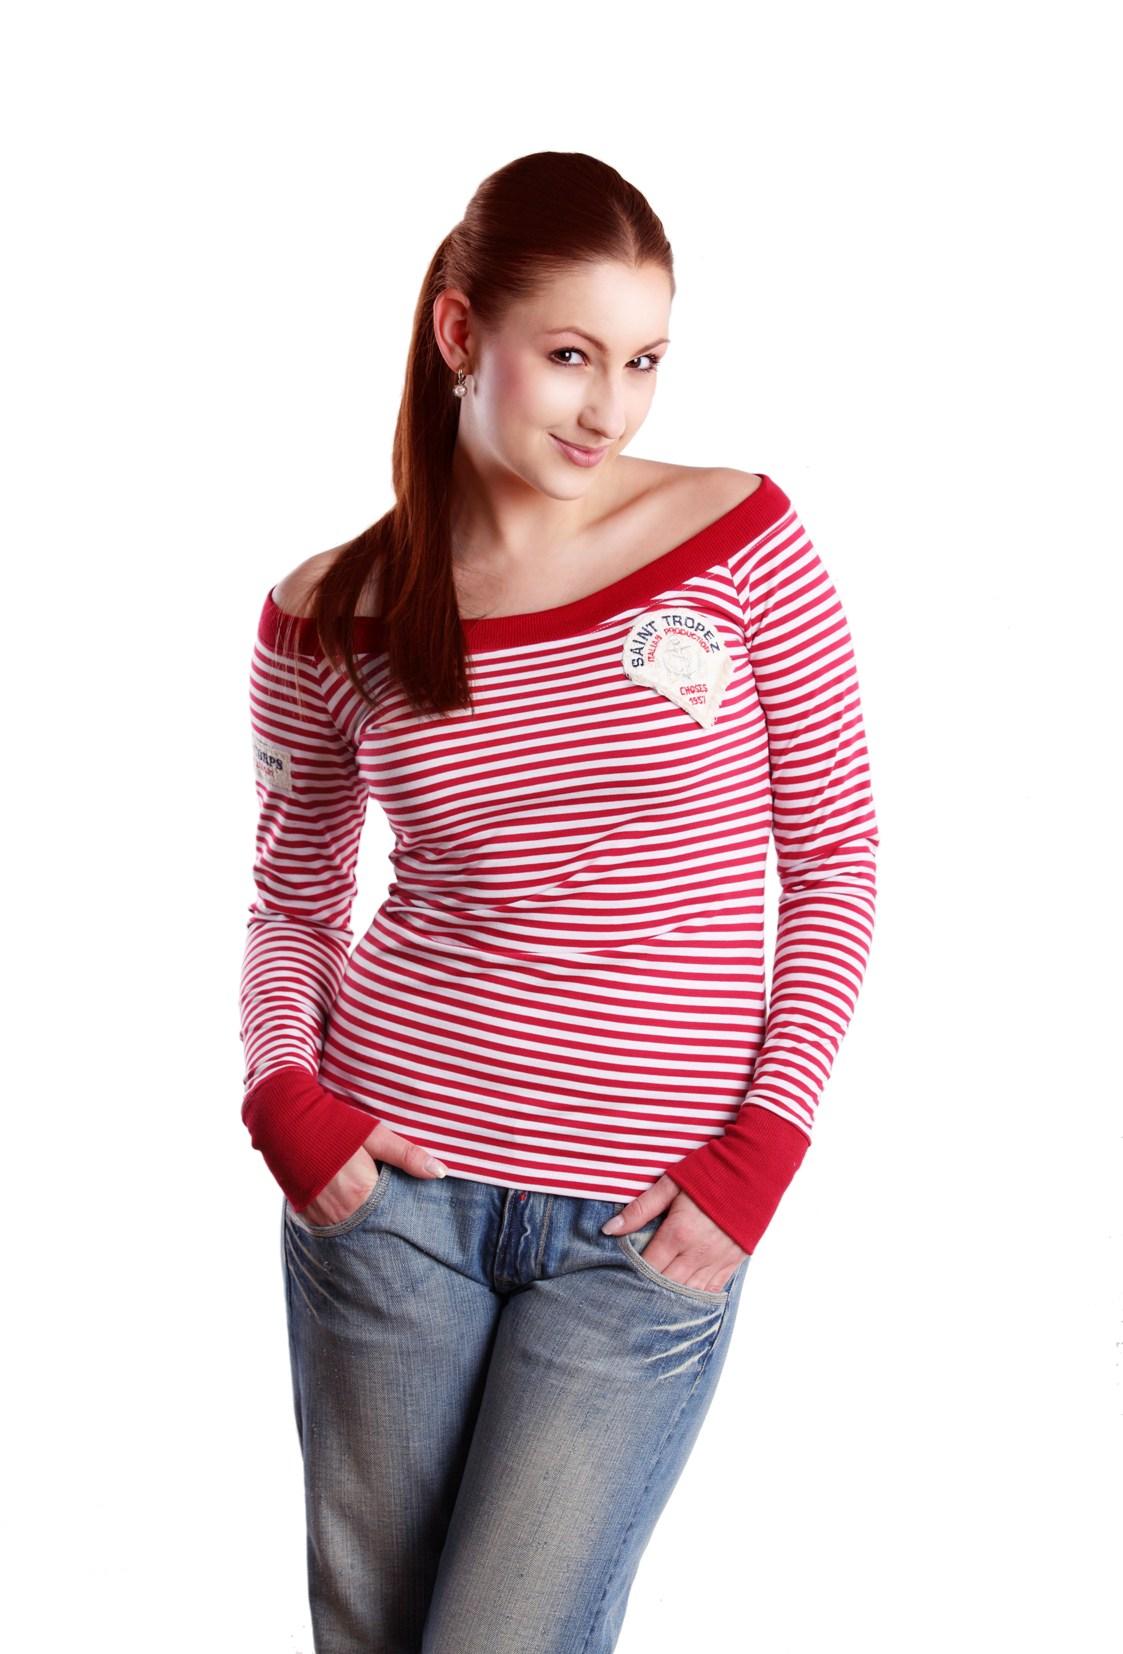 Námořnické tričko RedBerry s dlouhým rukávem a širokými náplety